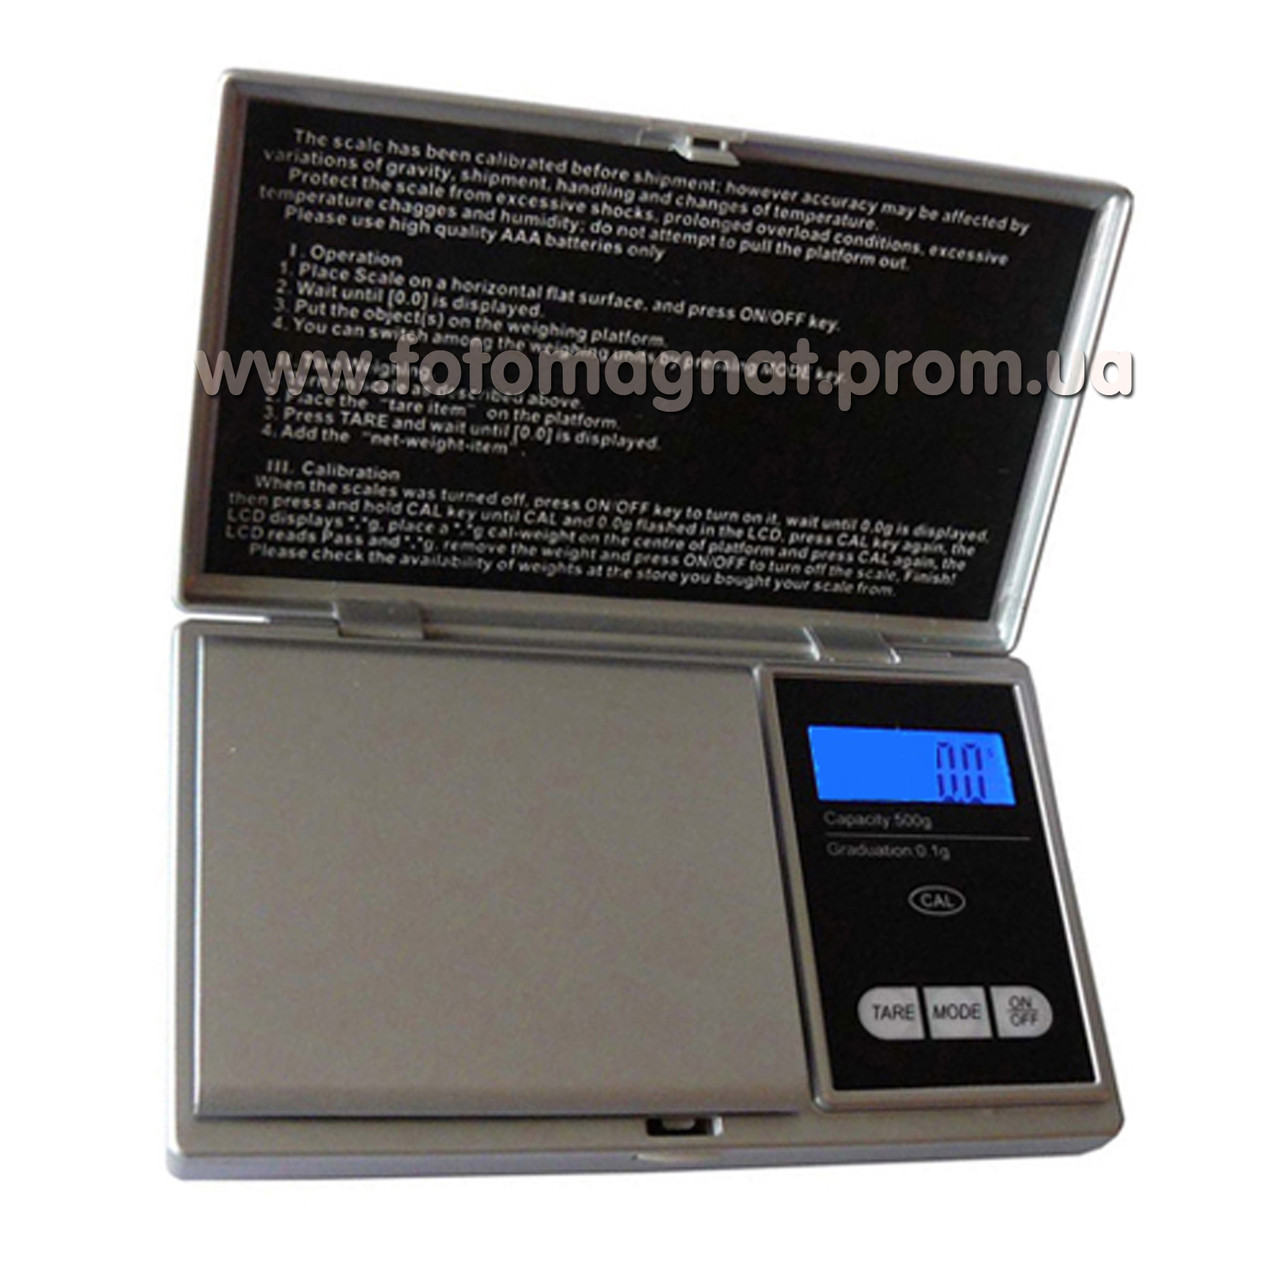 Весы ювелирные 6256,200г.  0 01г (карманные весы)